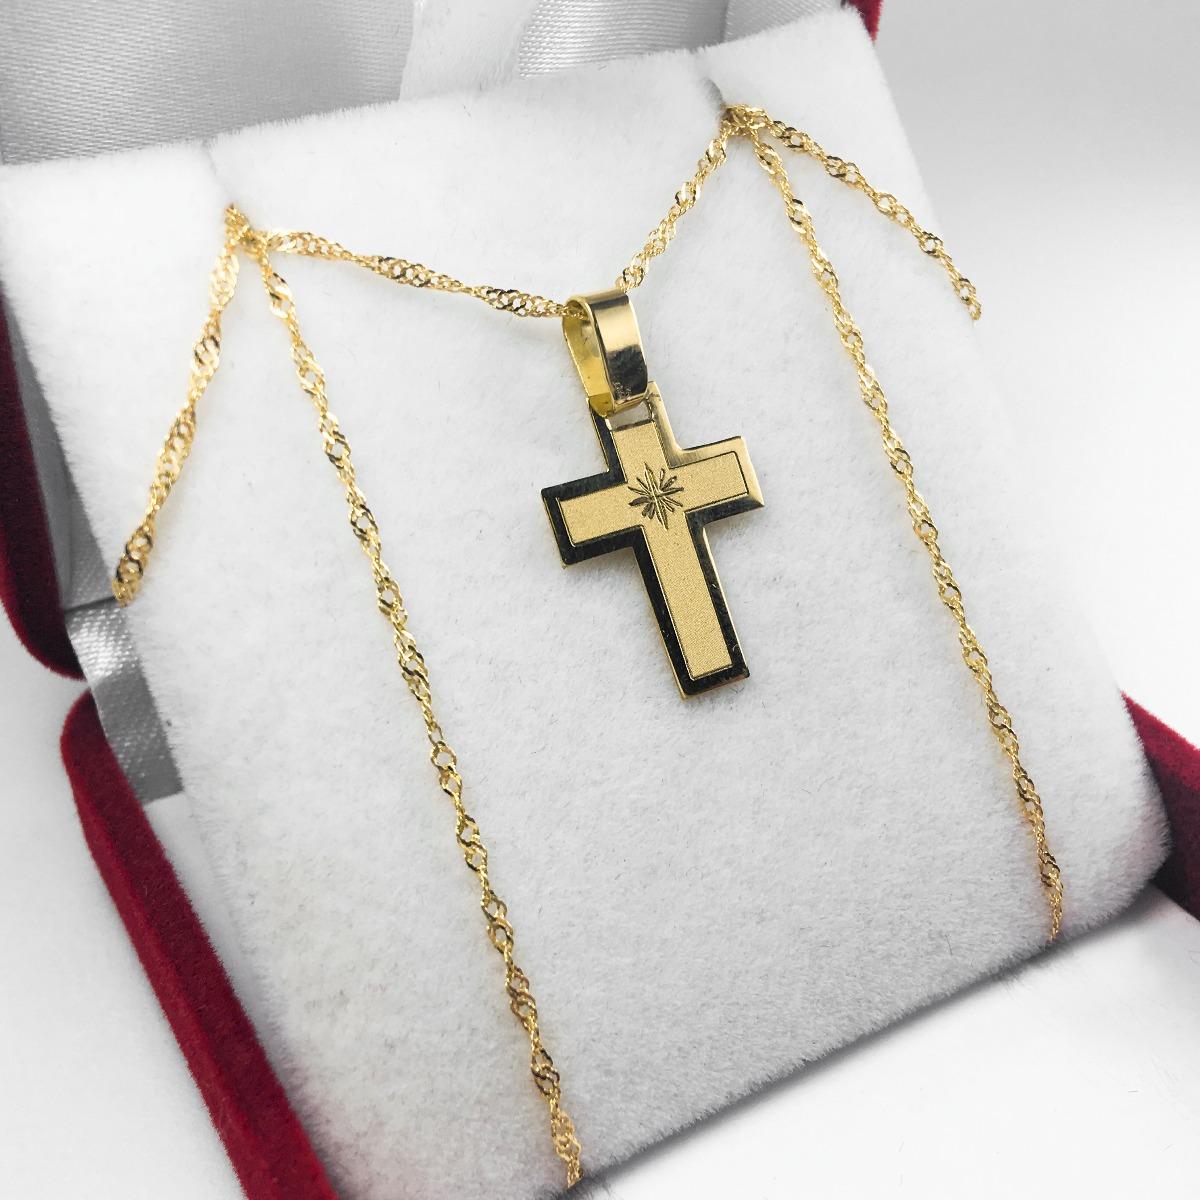 5b69244491ed conjunto cruz y cadena oro 18k chico 45cm mujer niños as. Cargando zoom.